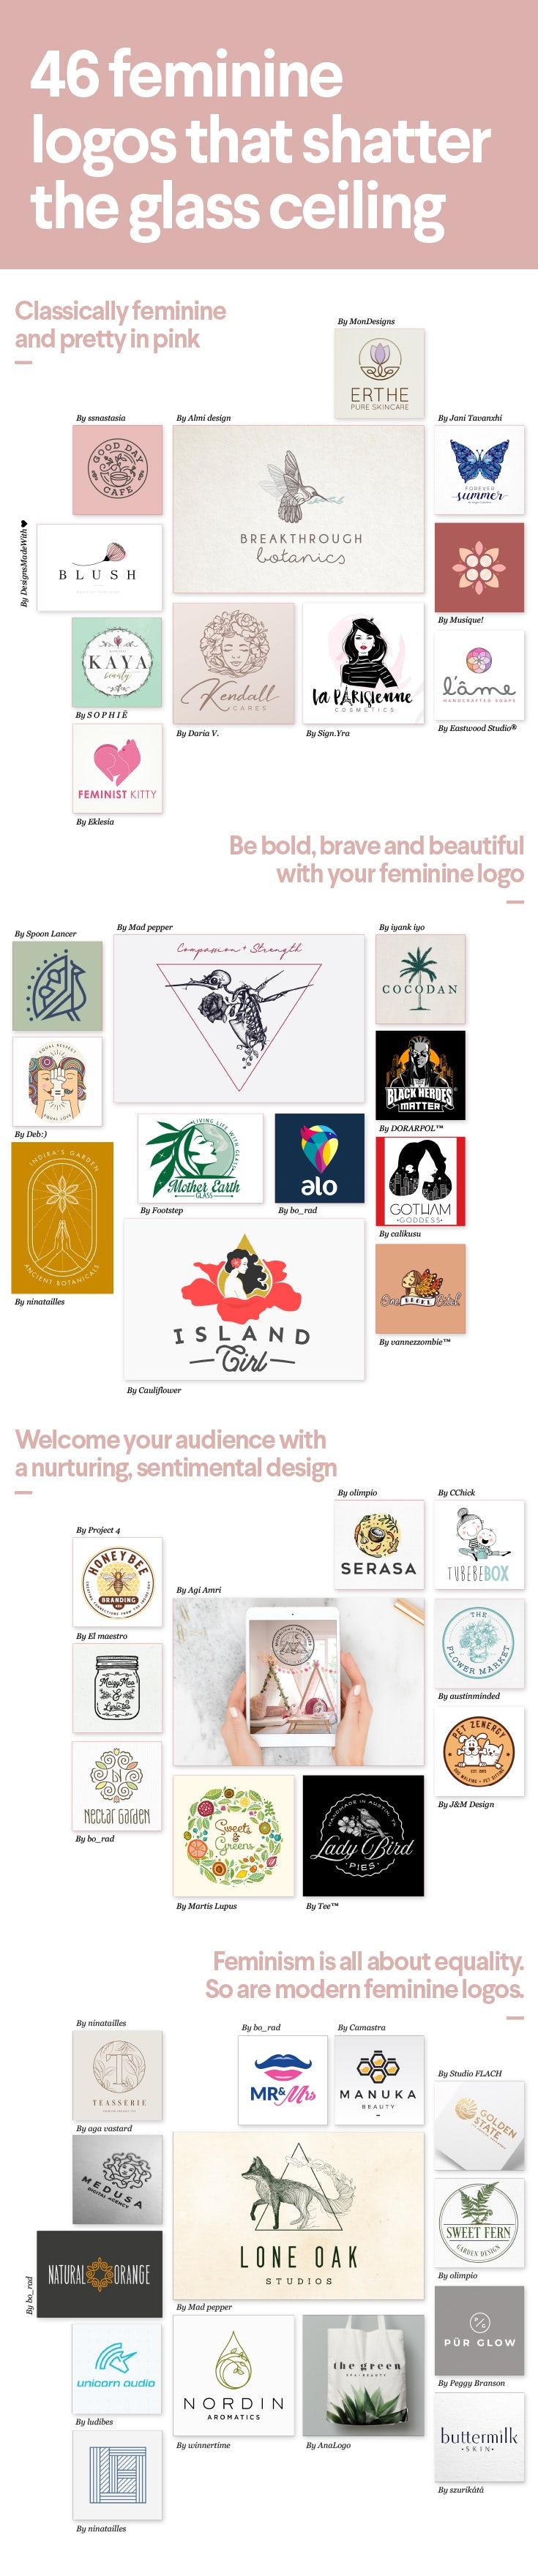 46 Feminine Logos Die Durch Die Decke Gehen 99designs